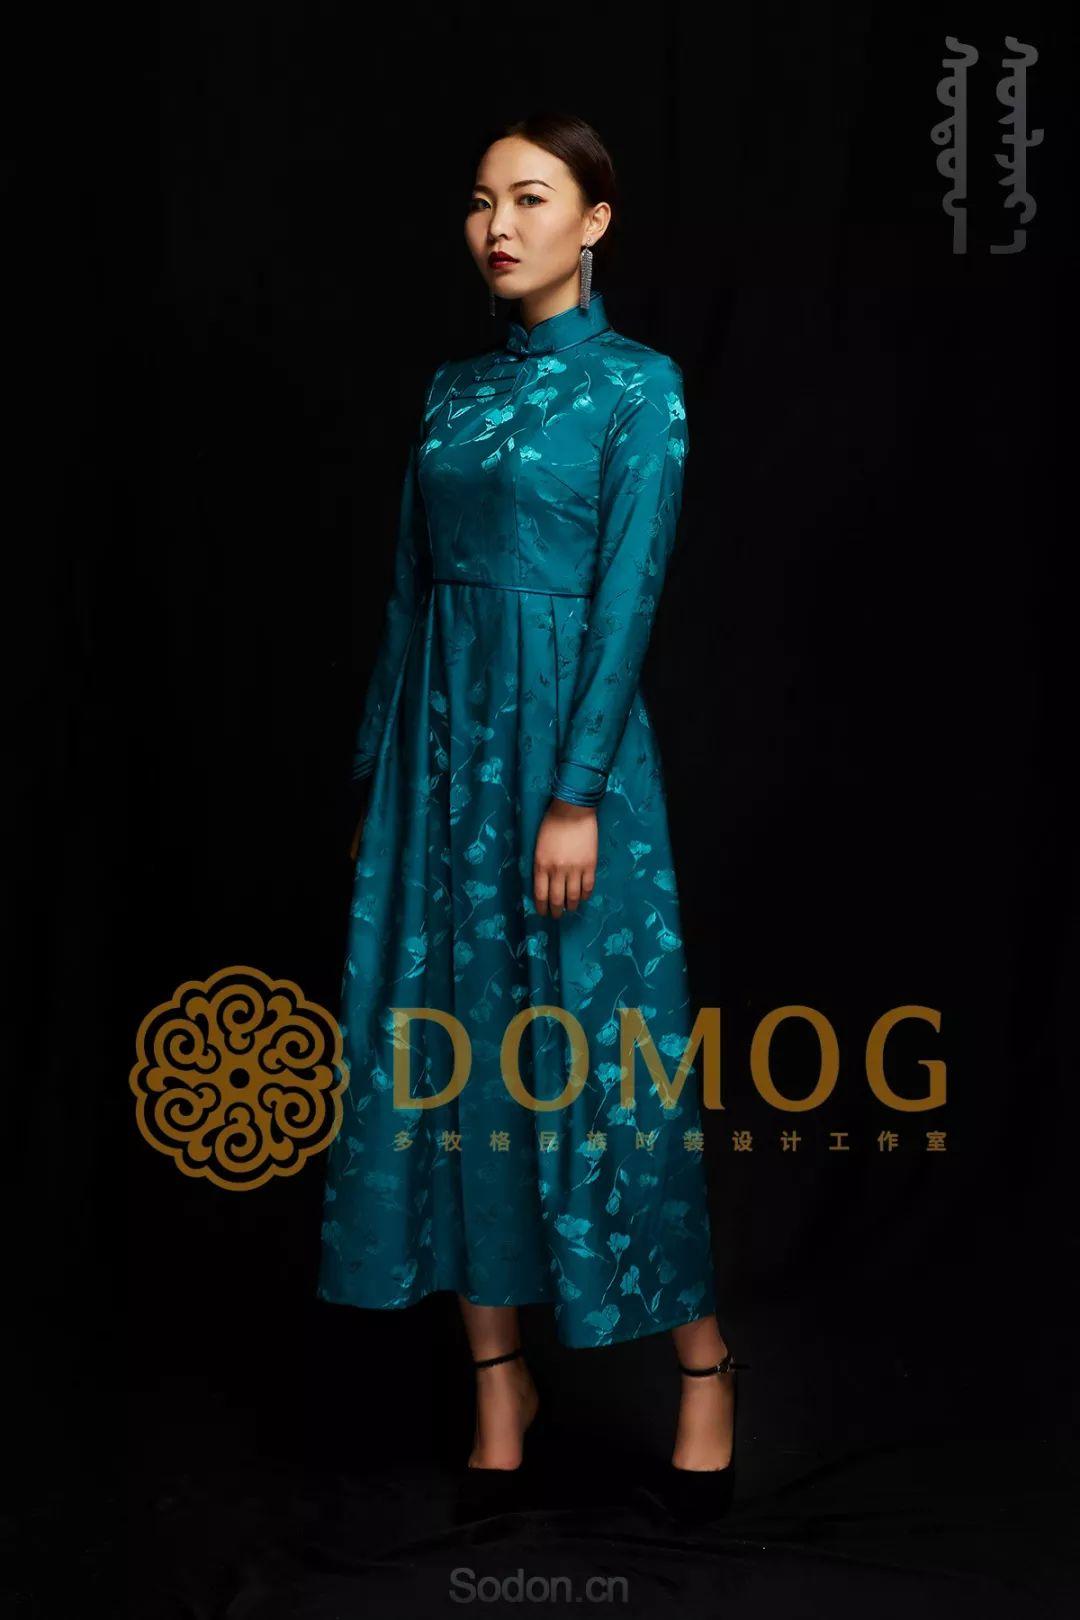 DOMOG蒙古时装绝美秋冬款系列,美出新高度! 第28张